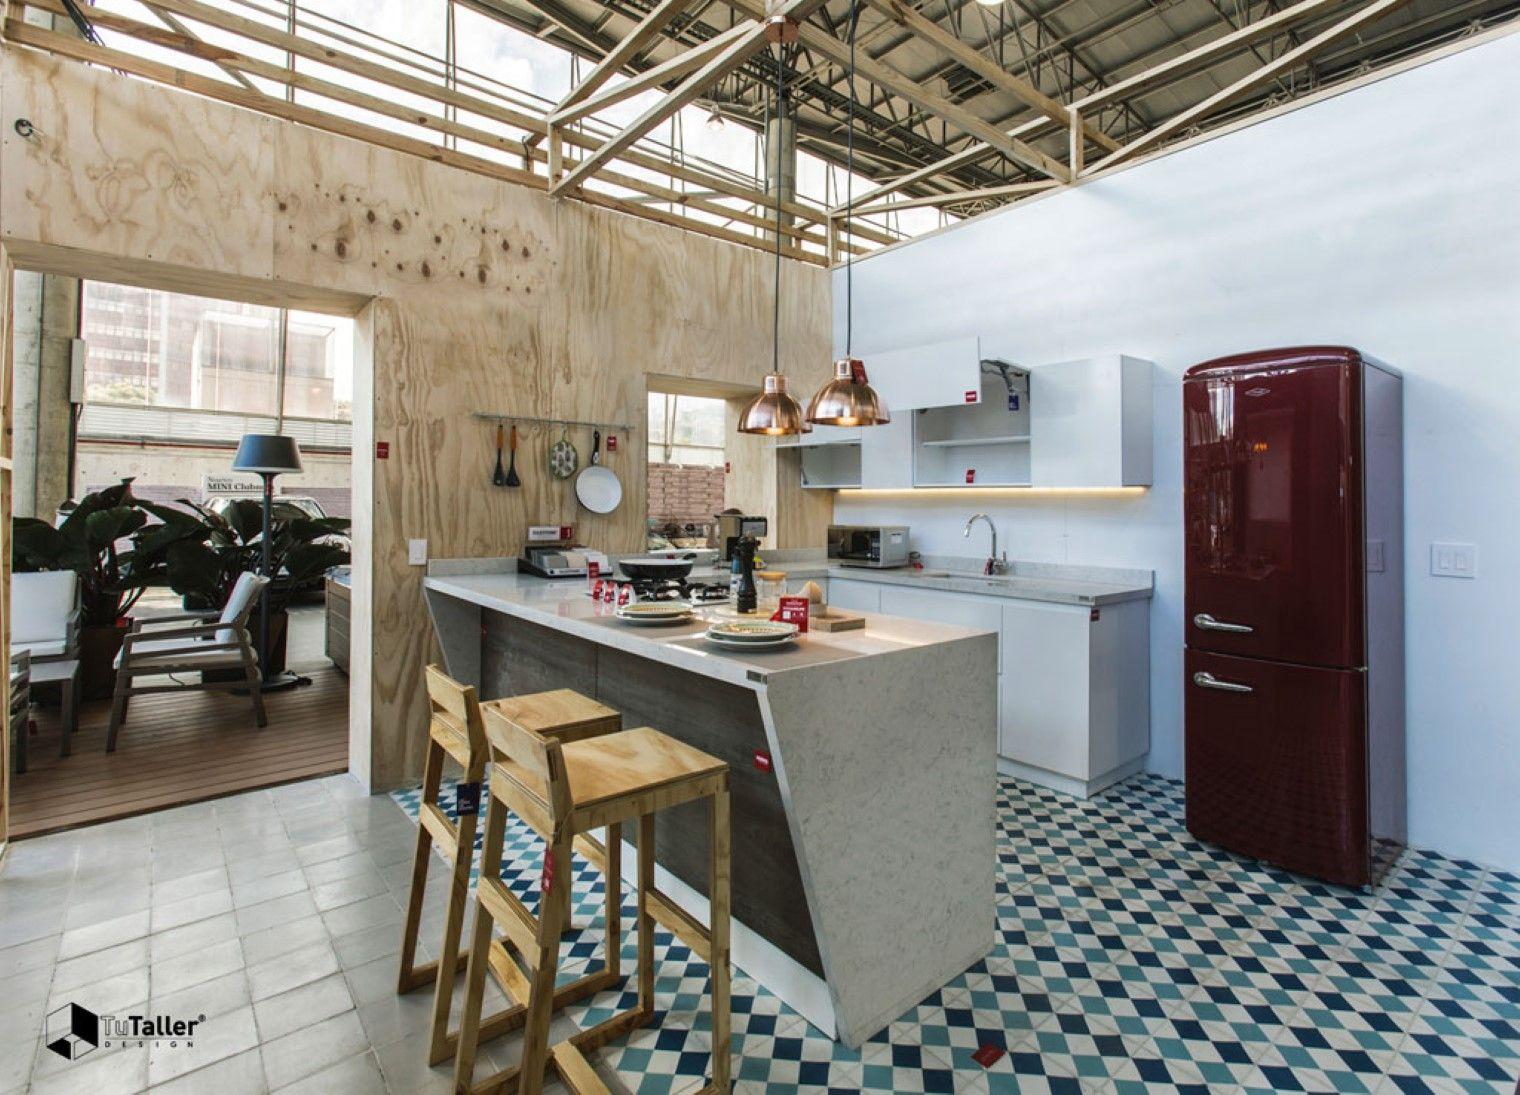 Casa Abierta es'la casa ideal'. Fue un experimento para laFeria de Diseño de Medellín(en Colombia). Pero Tu taller Designquieren convertirla en unacasa real.  http://diariodesign.com/2016/07/la-casa-ideal-se-monta-tan-solo-tres-dias/?utm_source=feedburner&utm_medium=email&utm_campaign=Feed%3A+DiarioDesign+%28Diario+Design%29